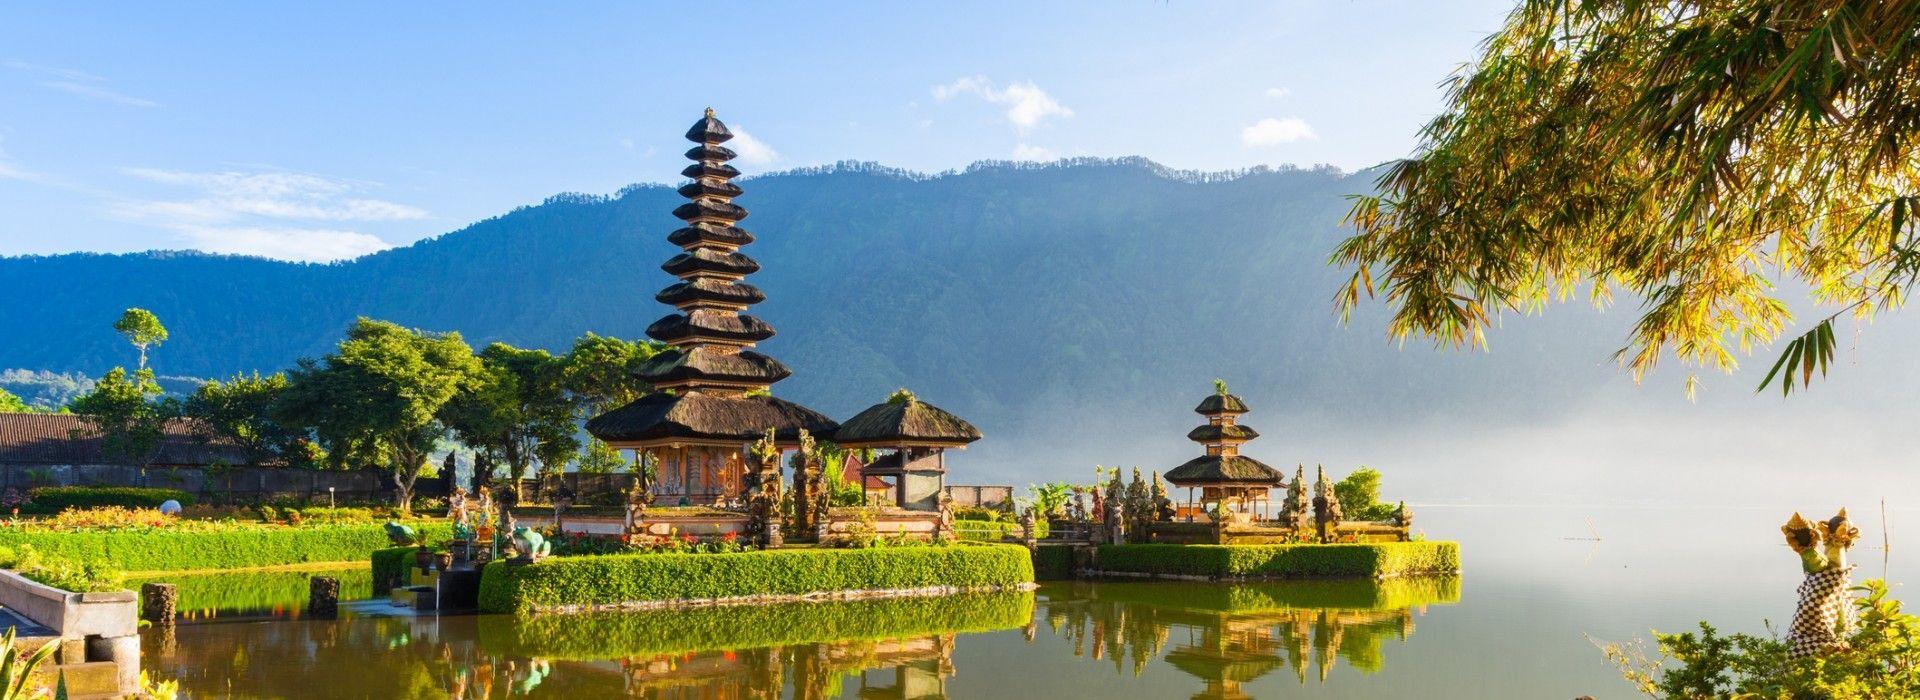 Cruise Tours in Bali